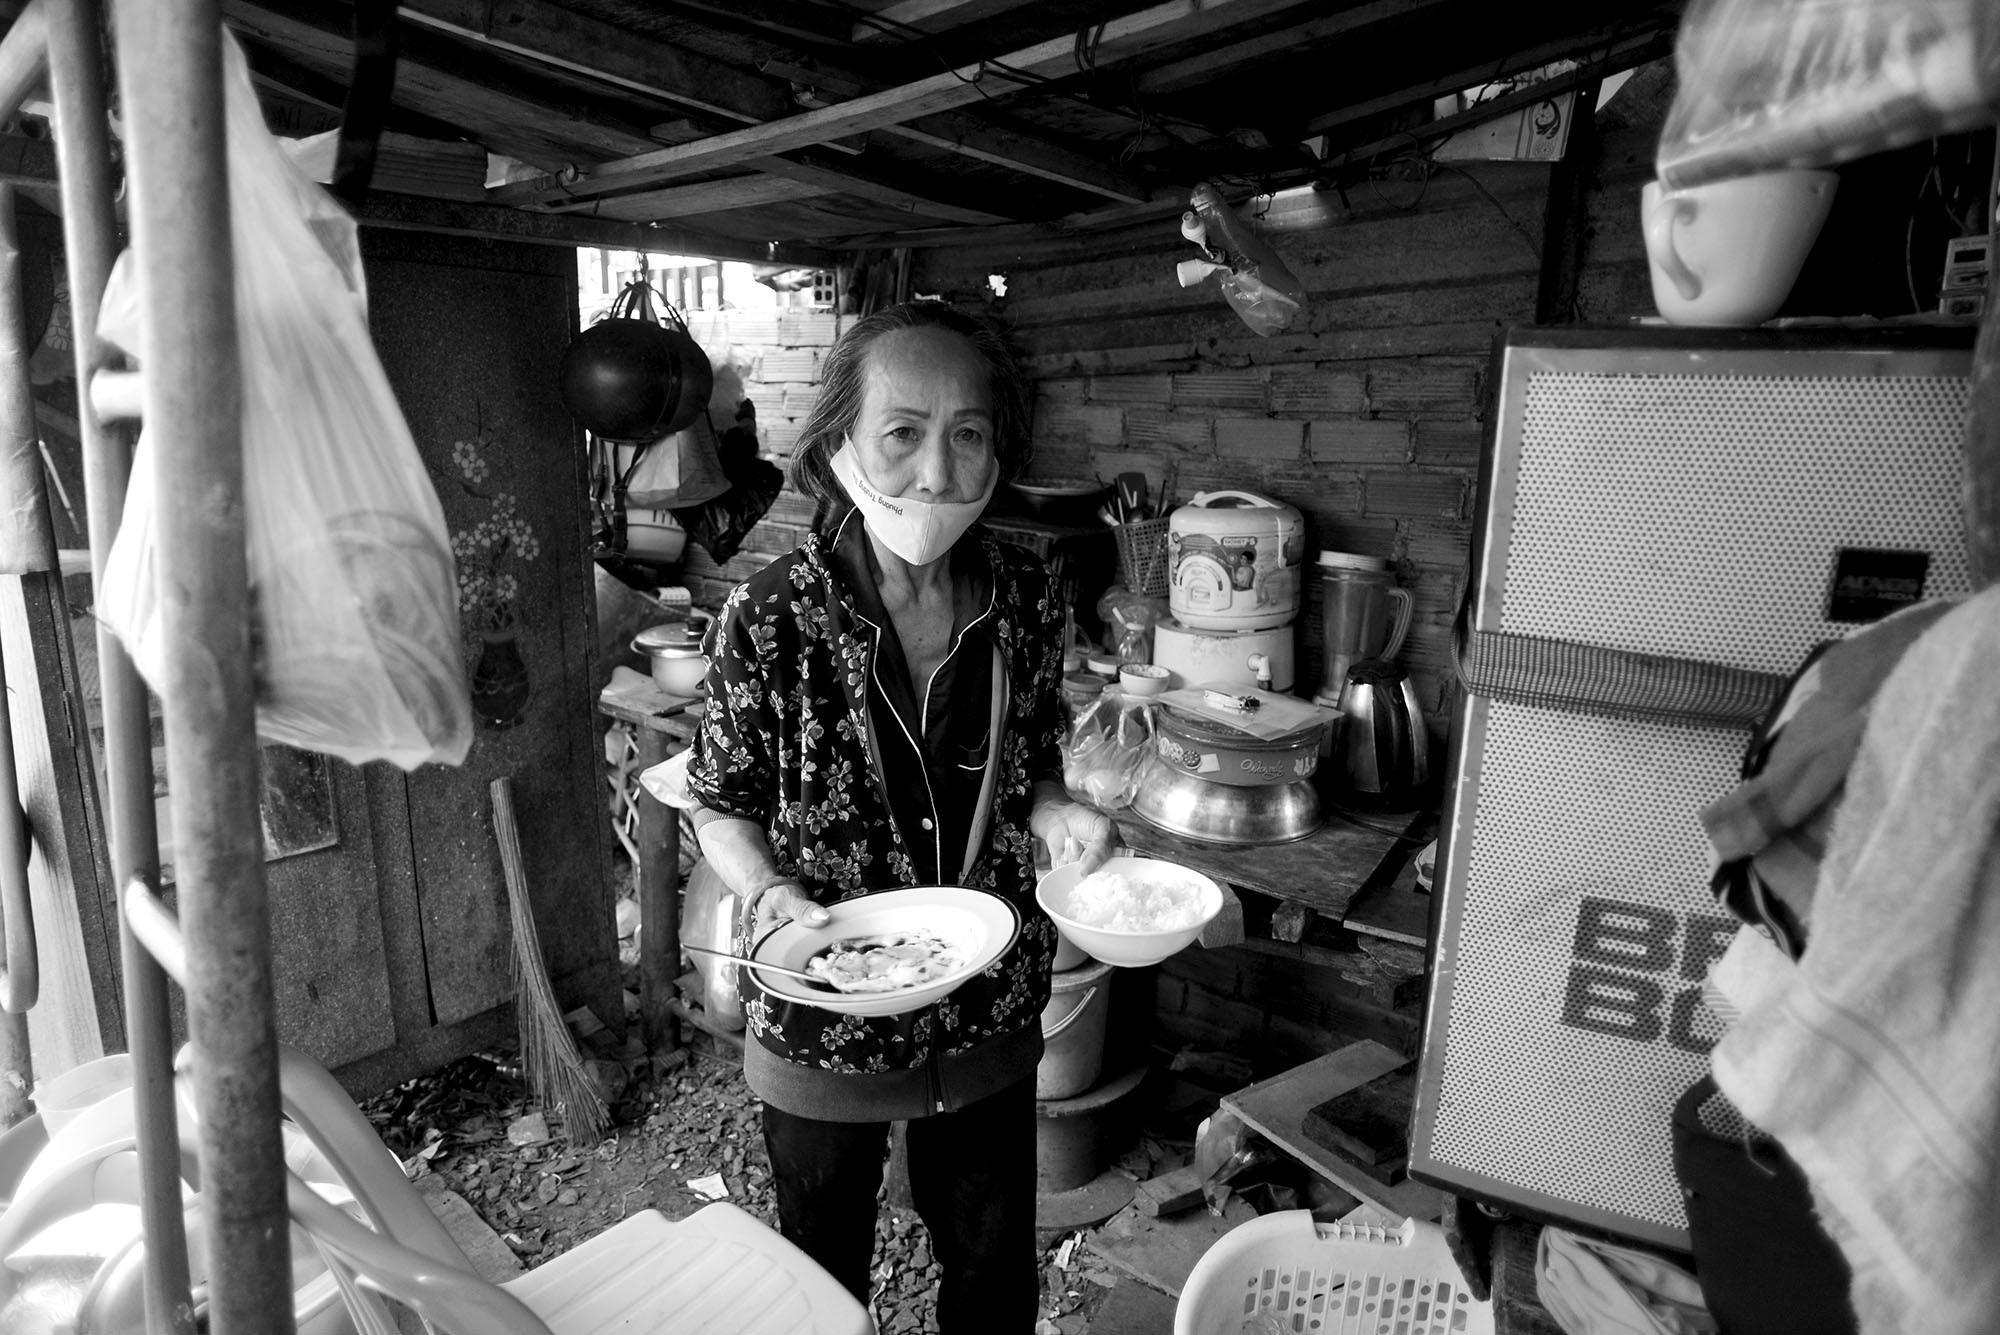 Bà nghỉ bán vé số, đổi xe đạp lấy 30 nghìn mua thức ăn cho cháu - 14